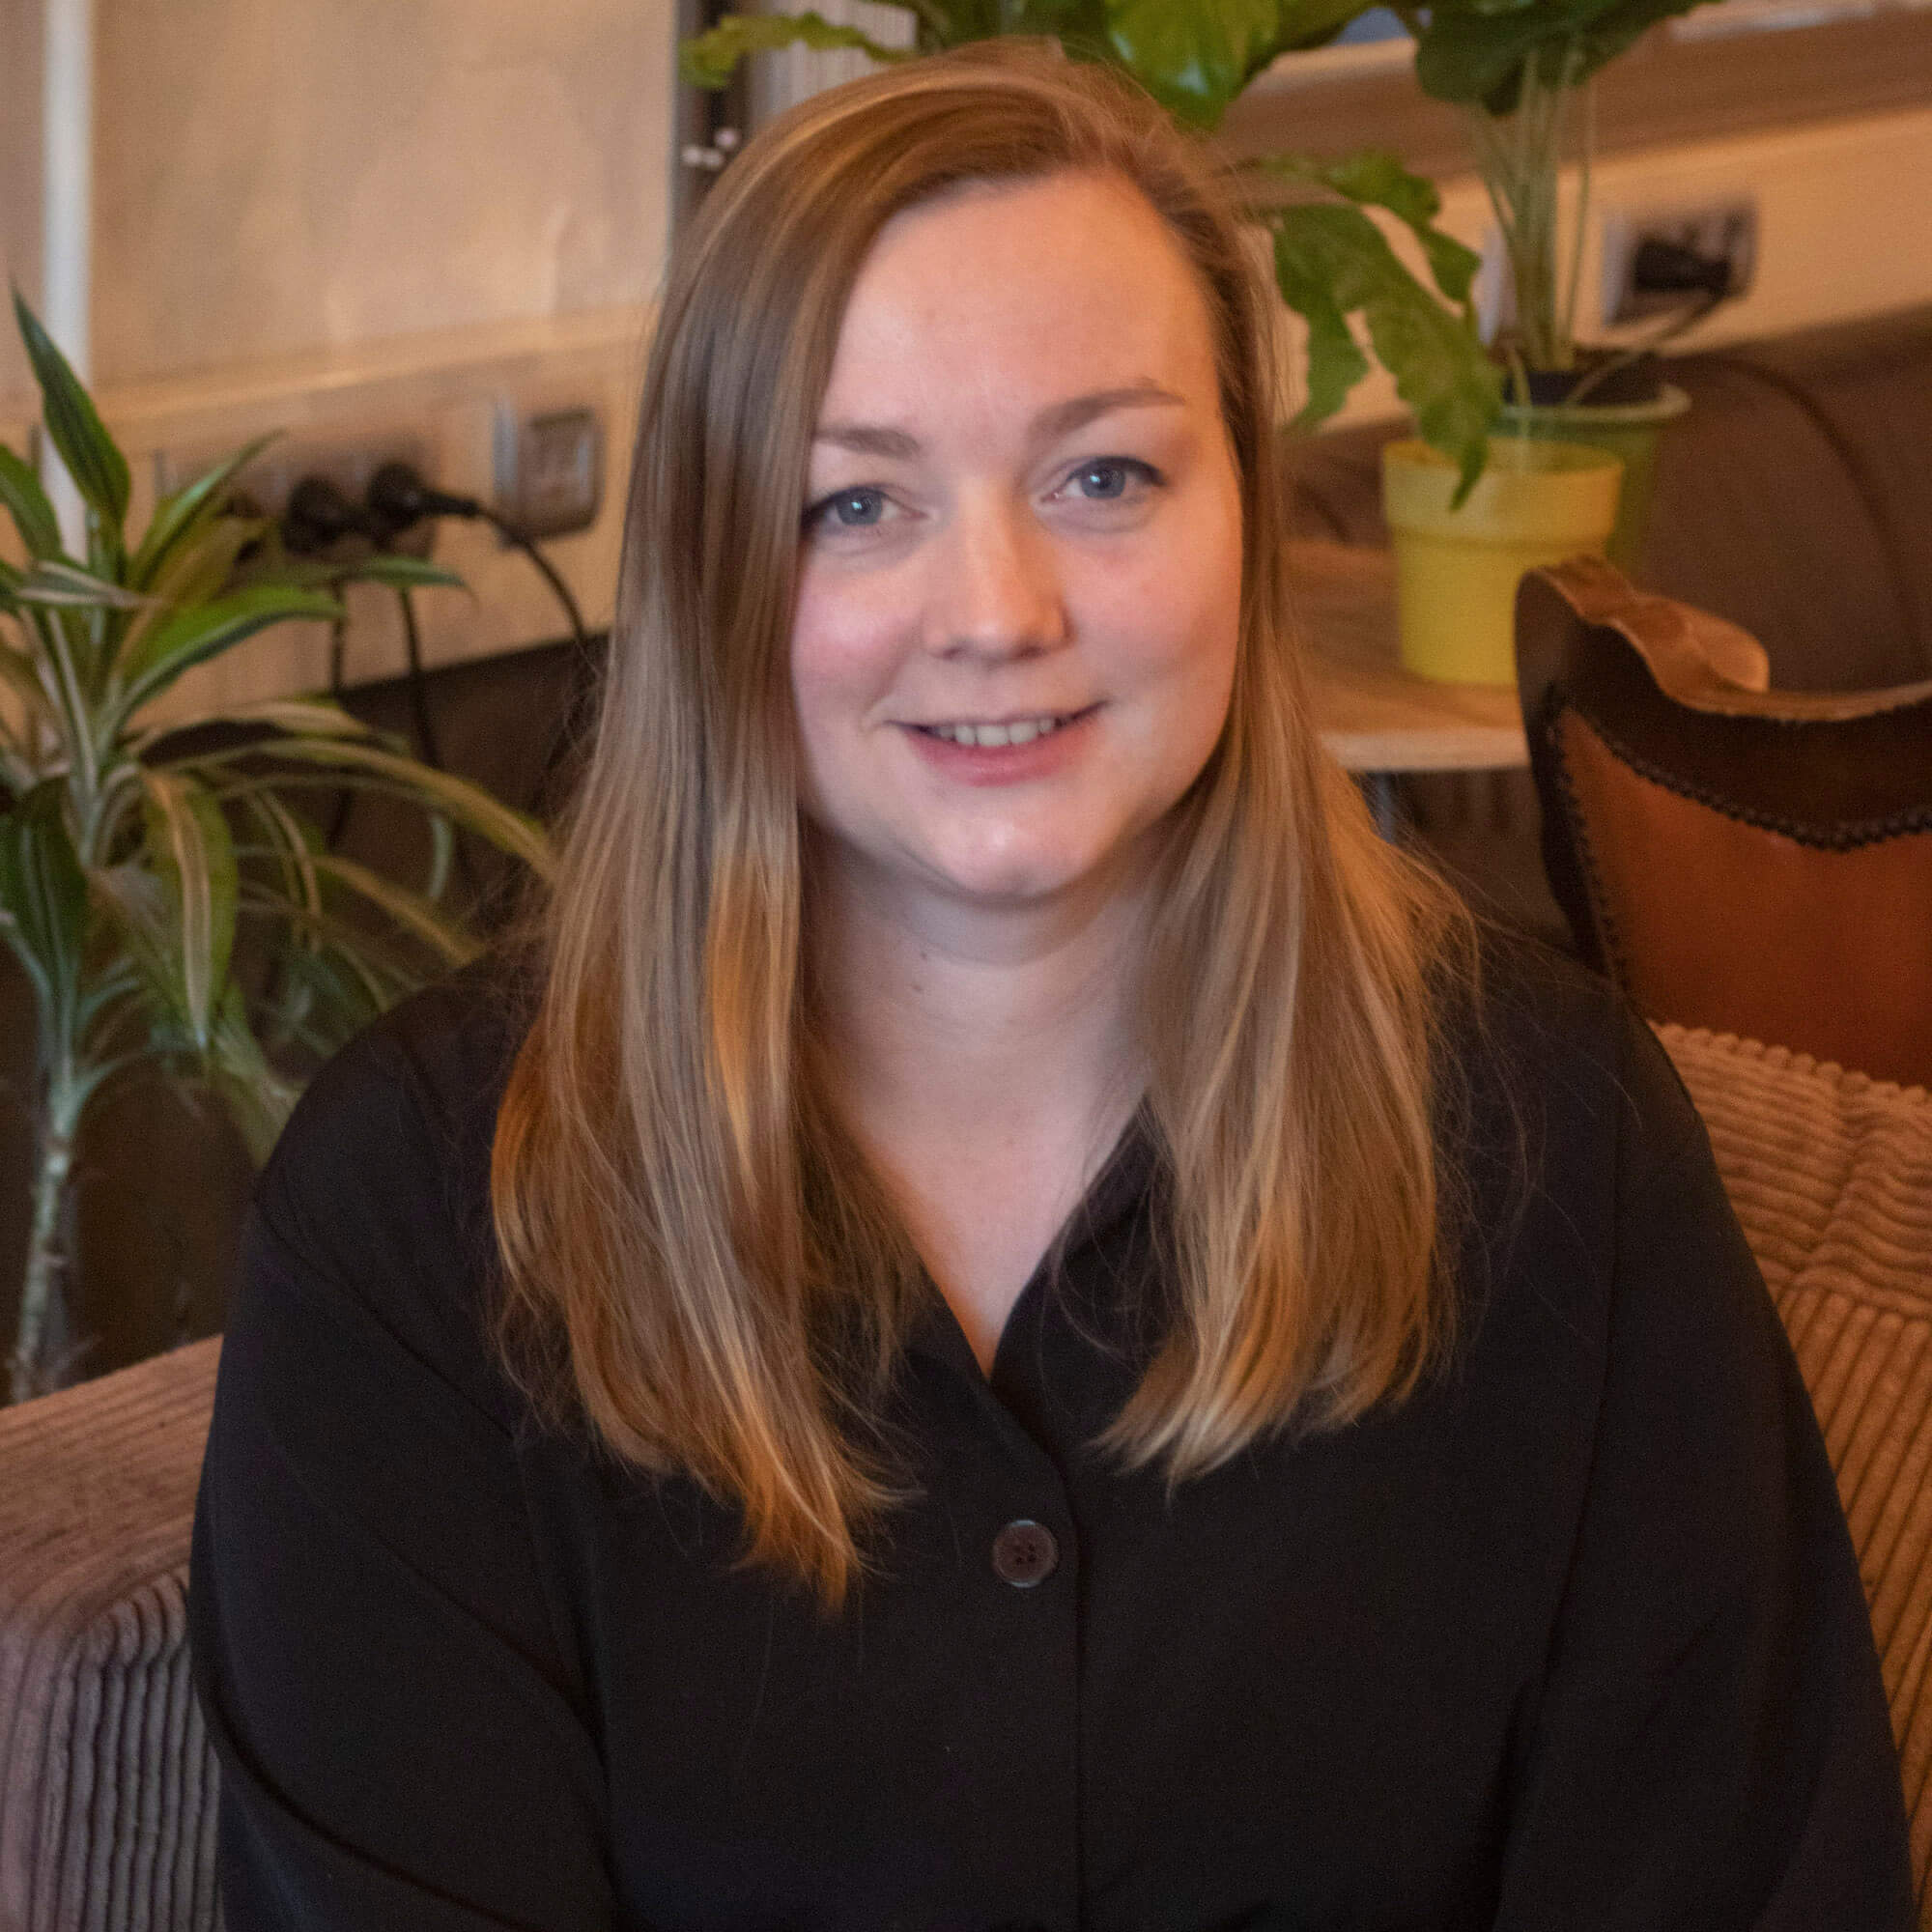 """Q&A met Laura Koenen: """"Studio Laura Koenen is een social design studio. Ik wil met mijn ontwerpen het dagelijks leven een stukje beter, mooier en aangenamer maken. Meestal in samenwerking met de doelgroep zelf."""""""